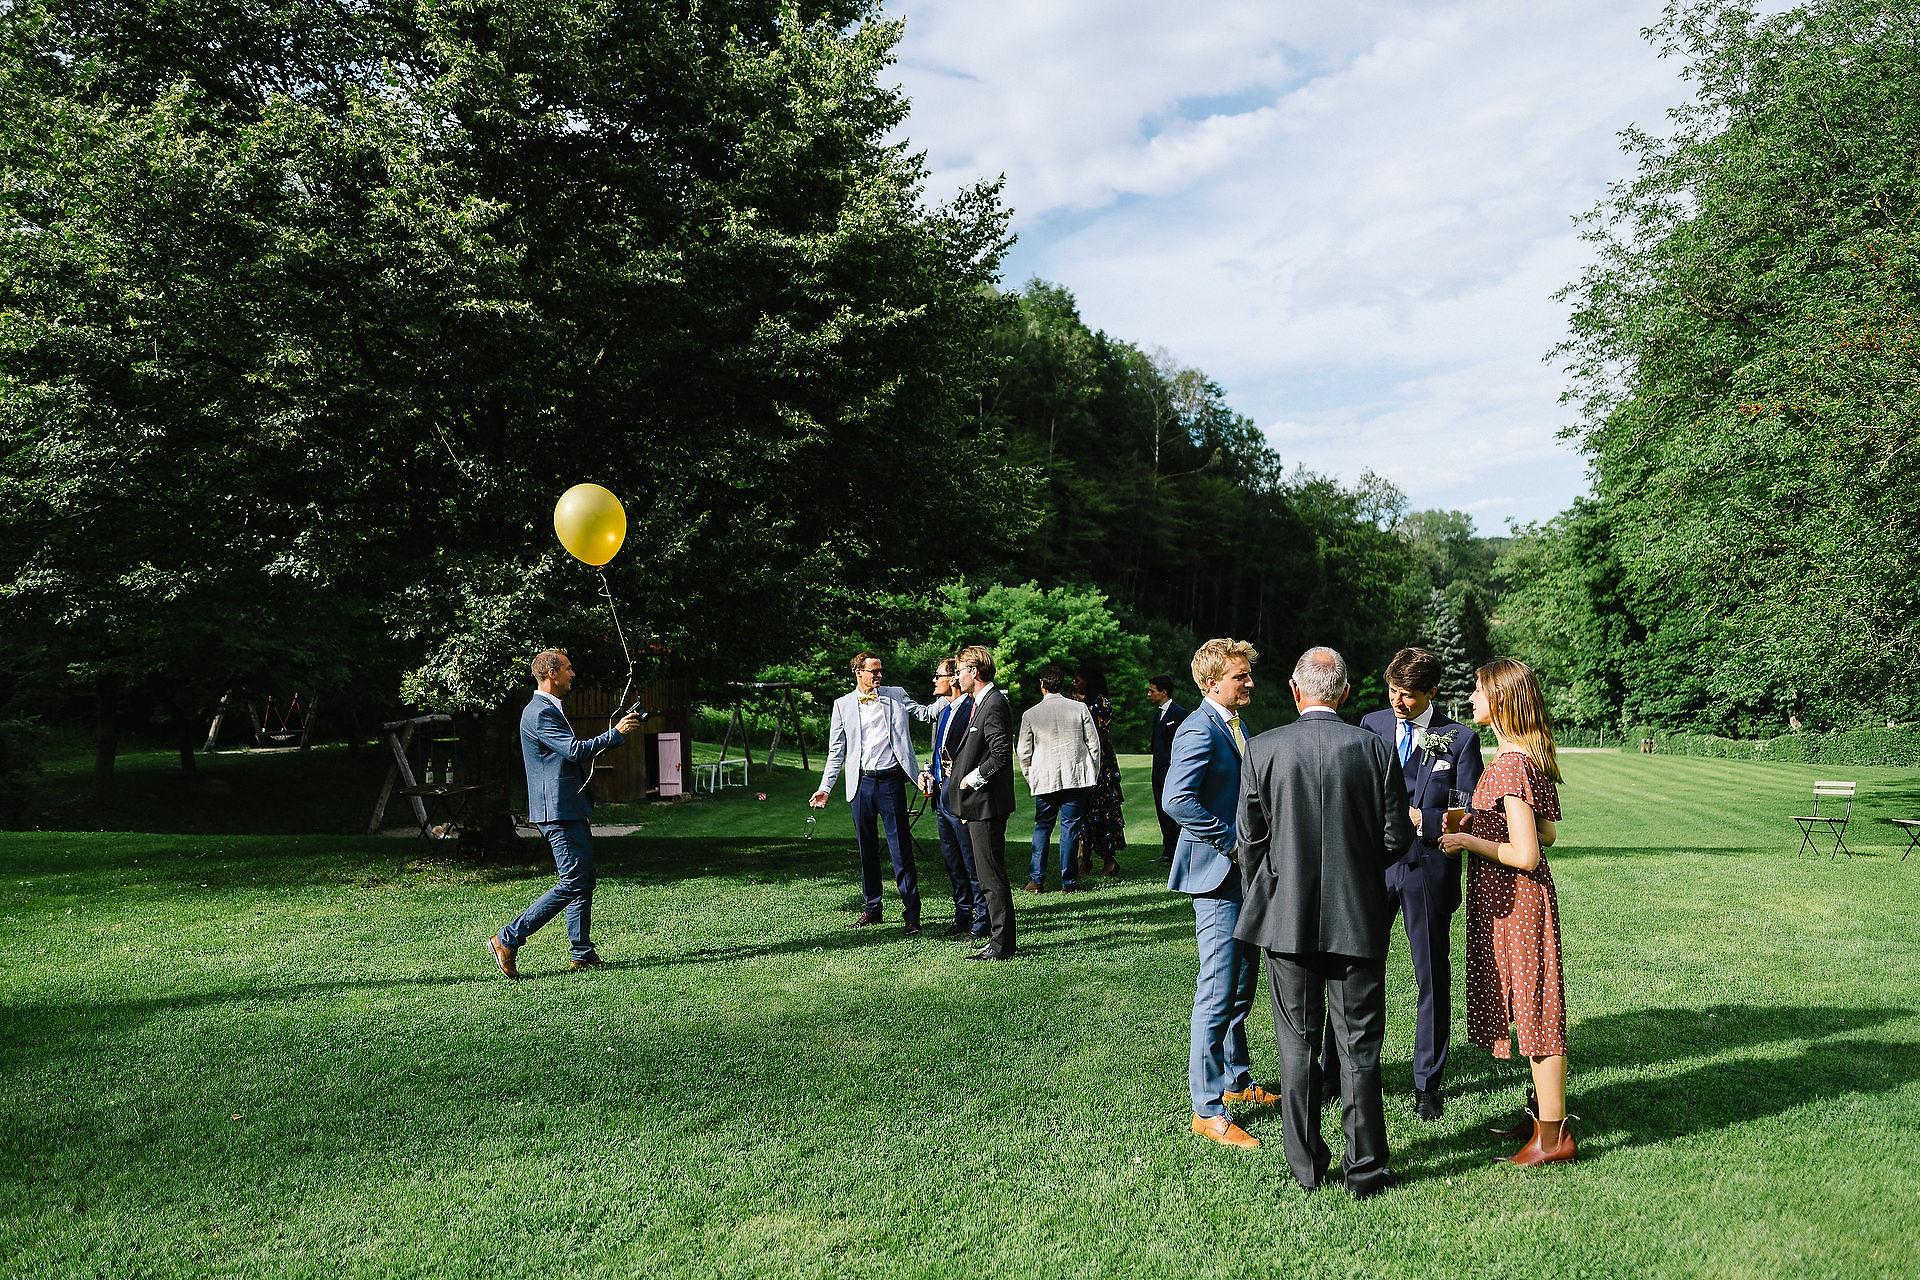 Fotograf Konstanz - Hochzeitsreportage Freiburg Hofgut Lilienhof Hochzeit Fotograf Konstanz 64 - Hochzeit in Freiburg und Hofgut Lilienhof  - 158 -